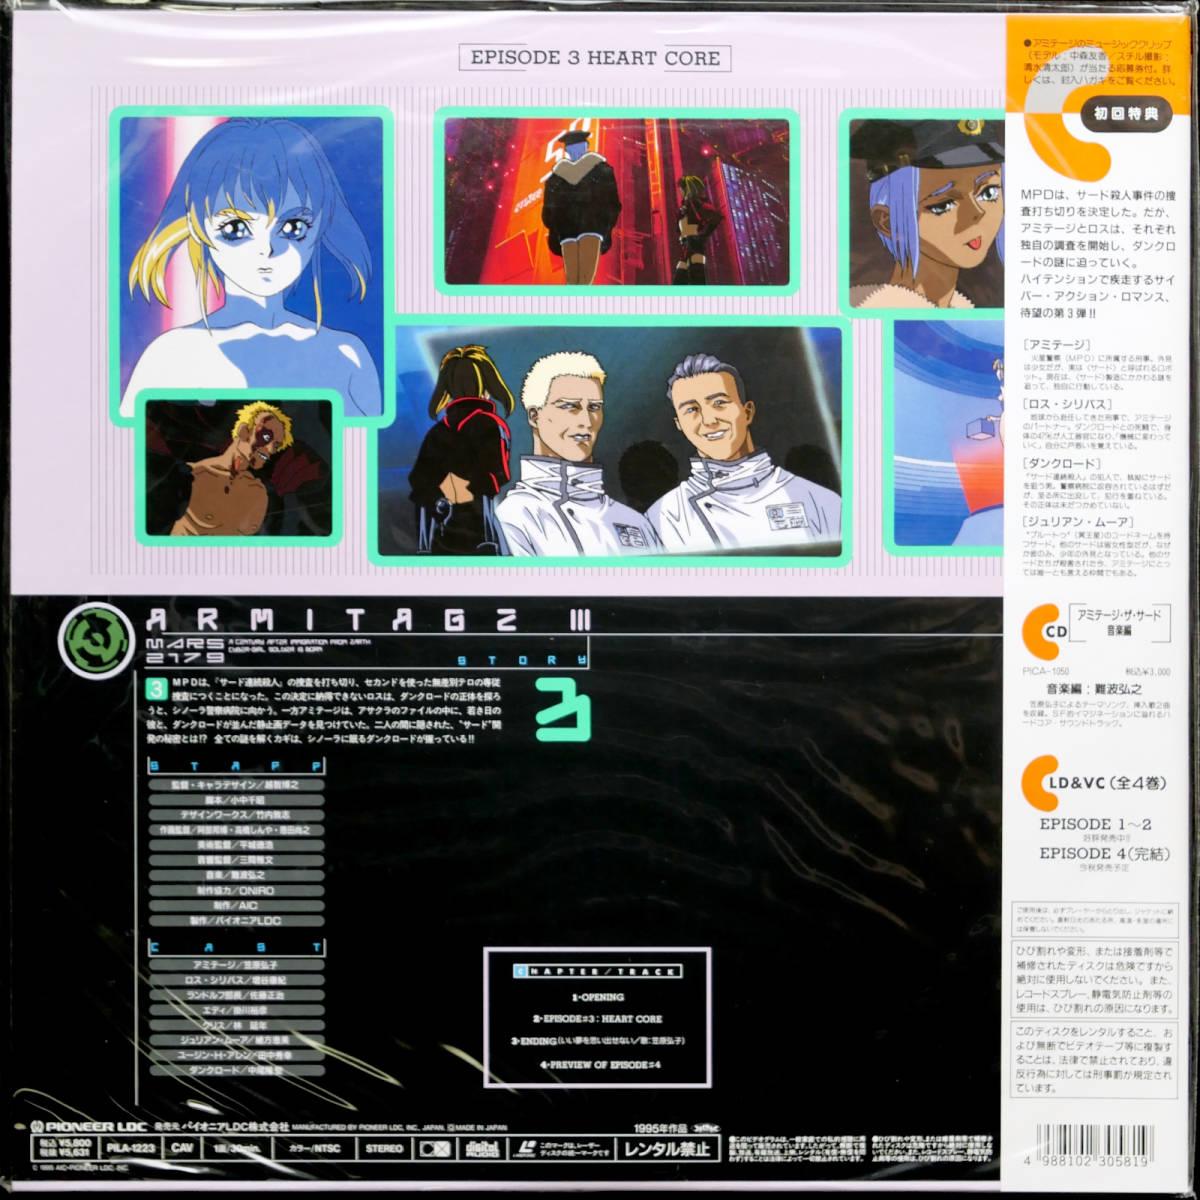 未開封LD アミテージ・ザ・サード 全4巻セット_画像7